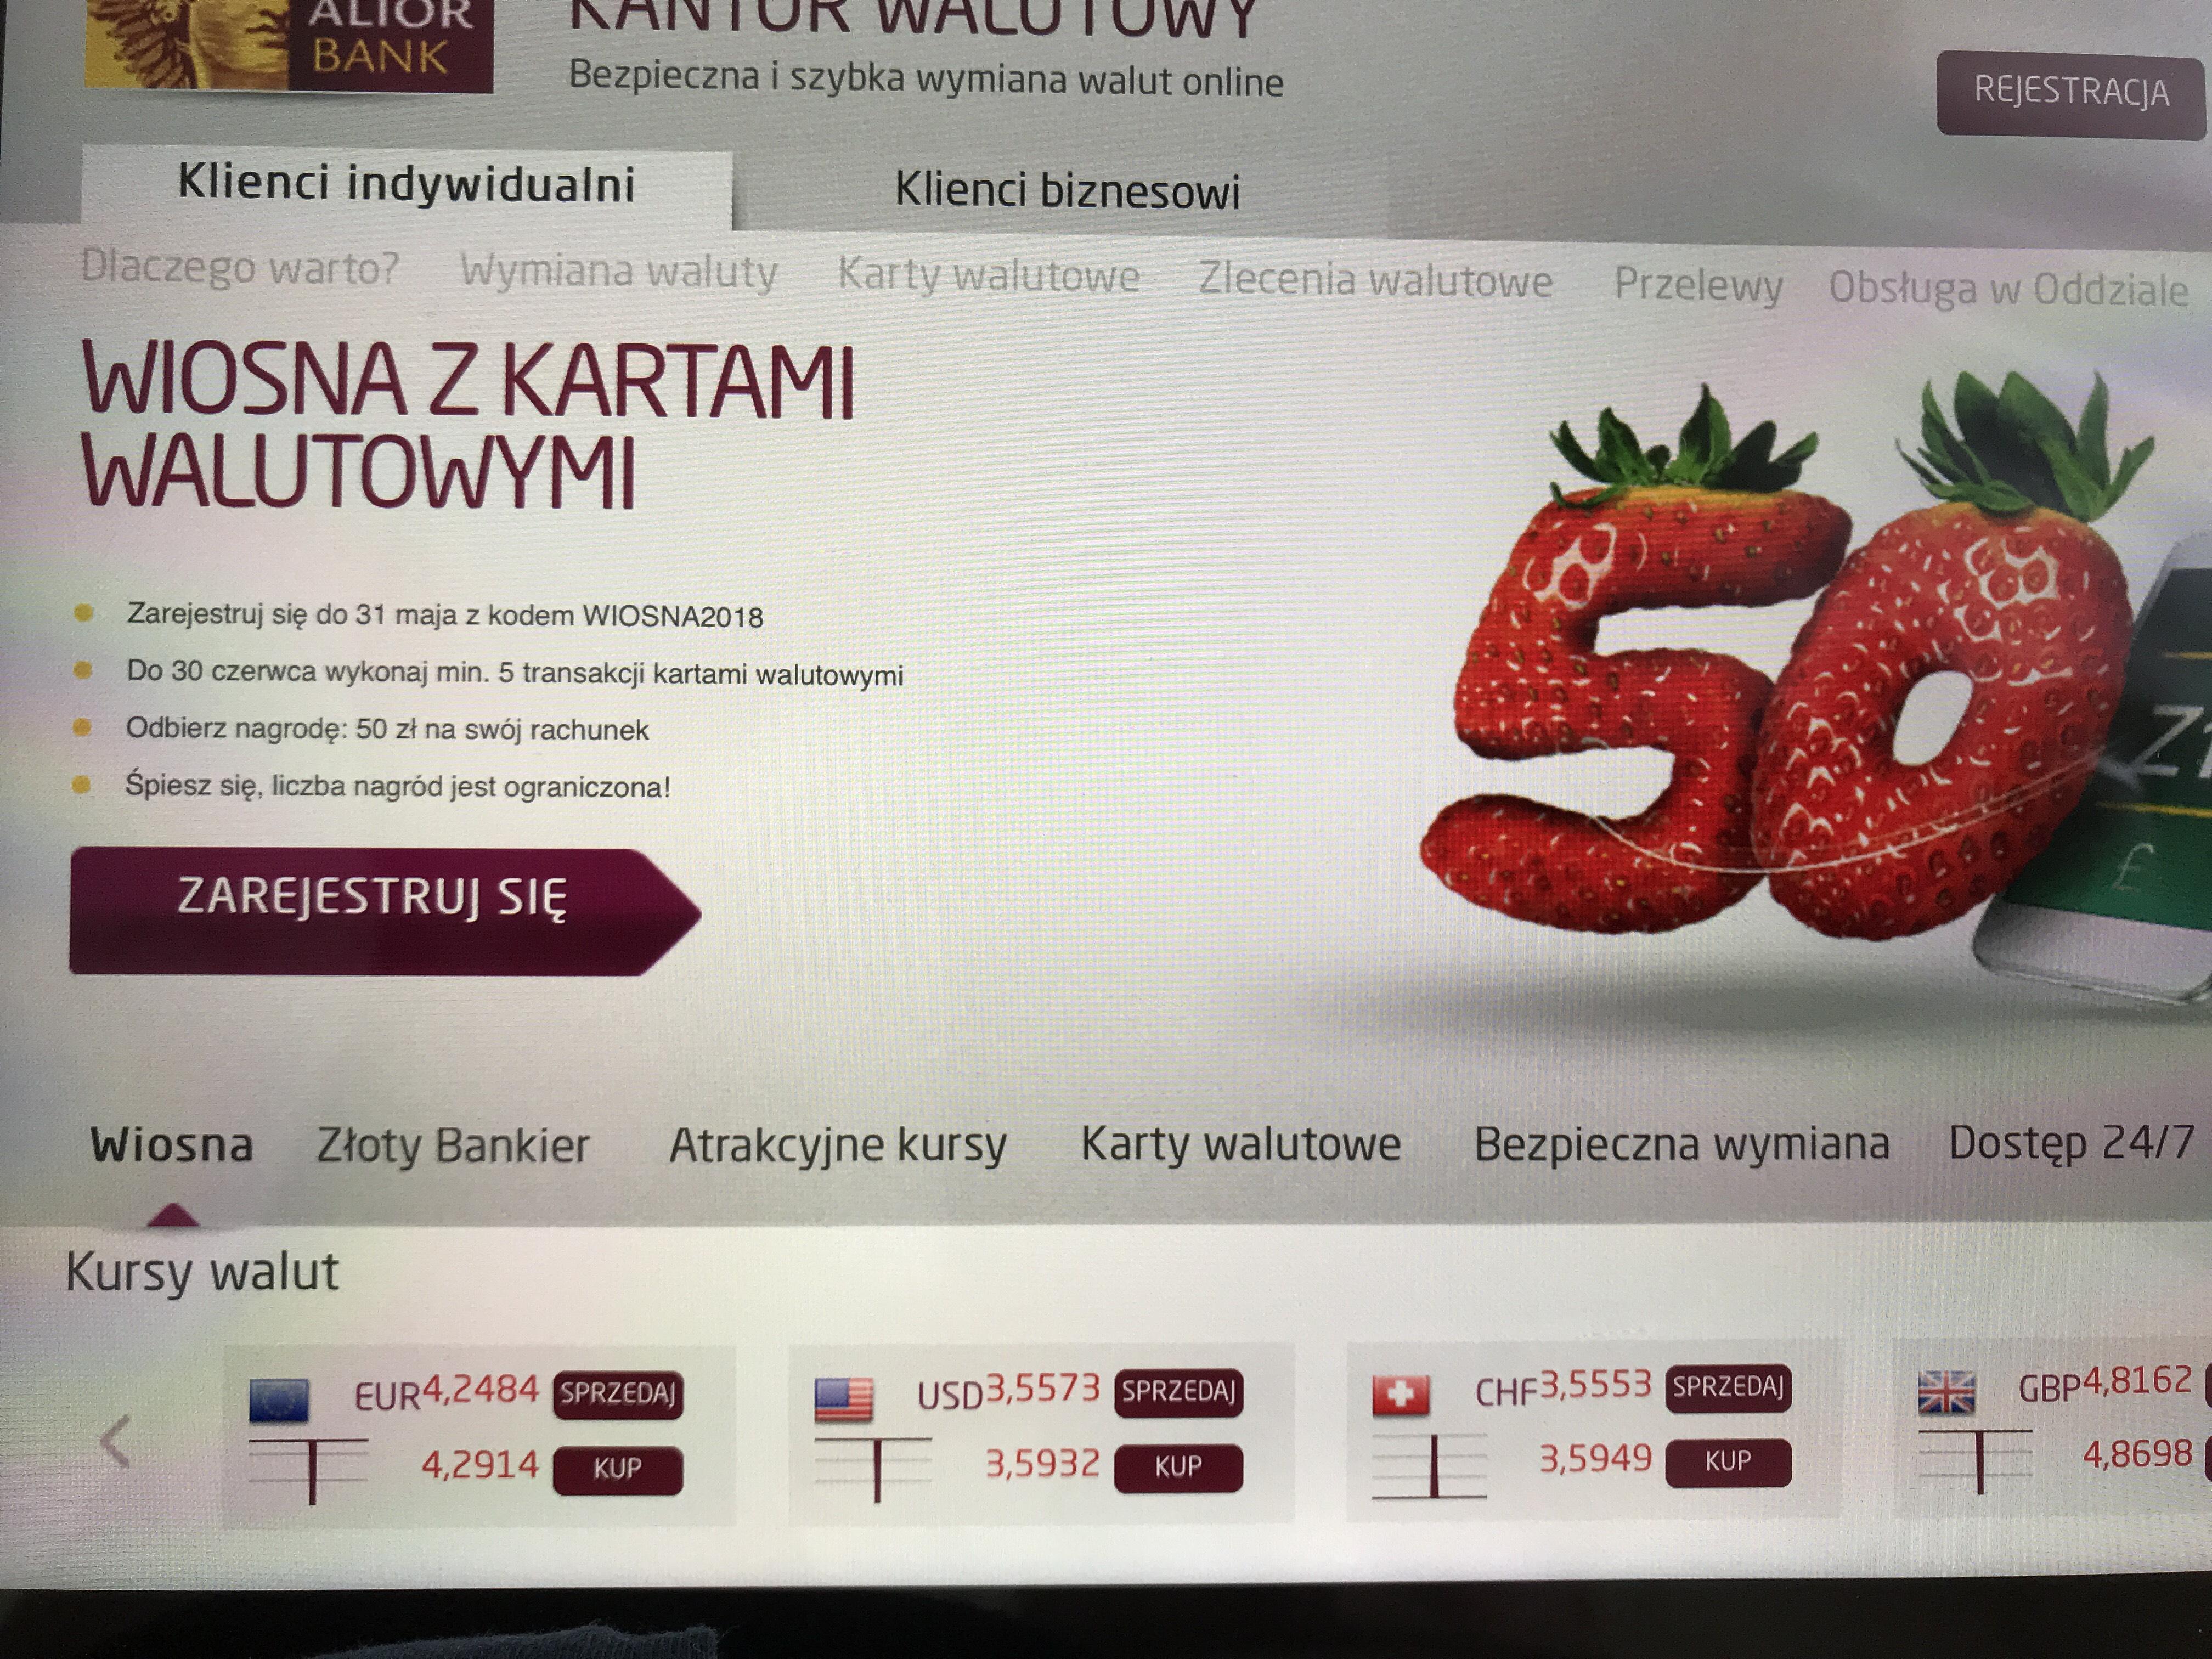 Kantor walutowy extra 50 zł